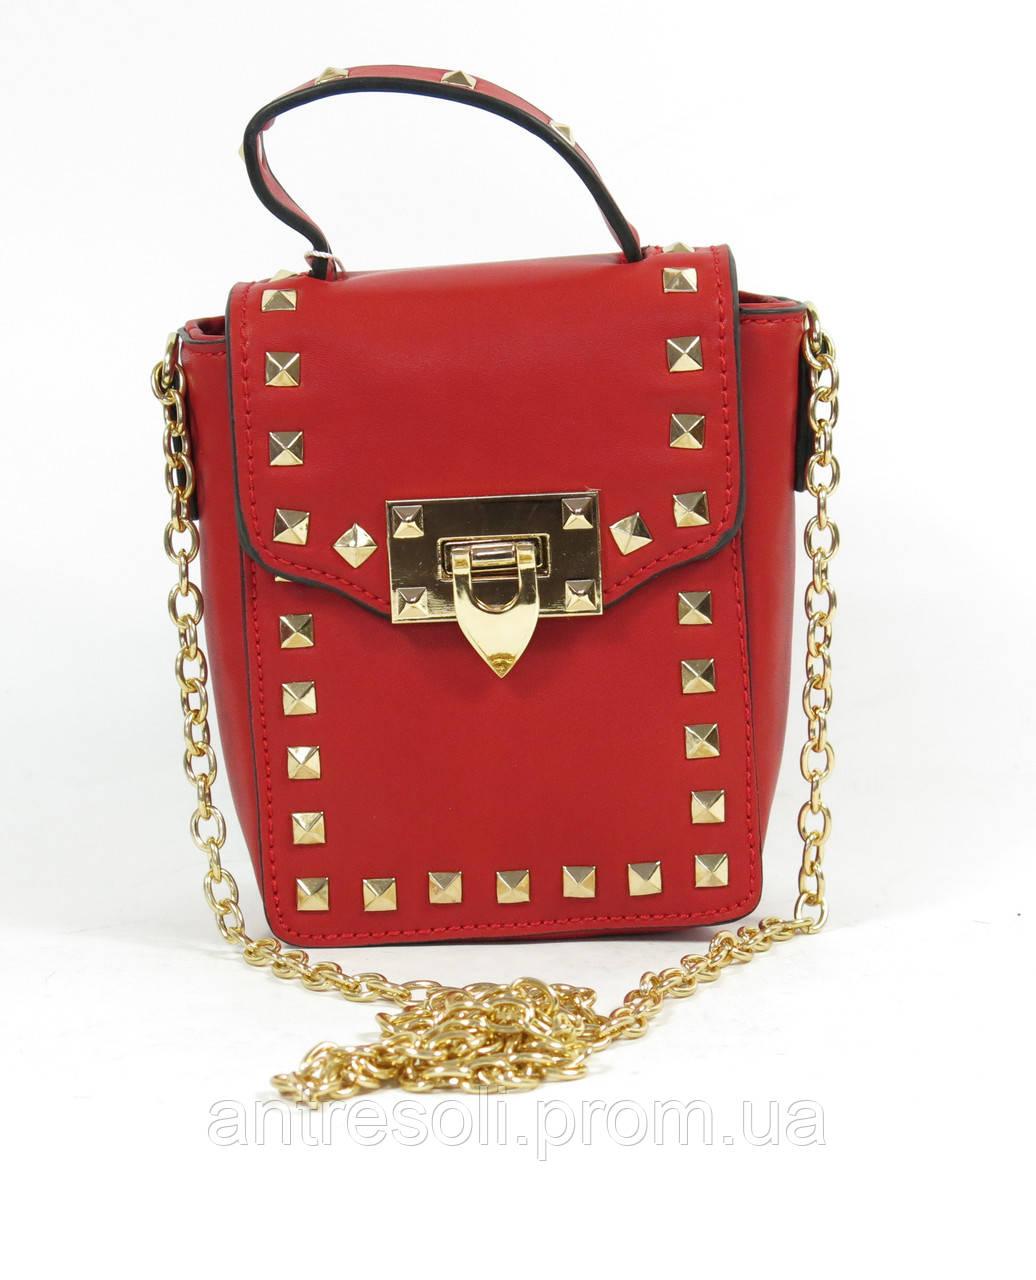 Красная женская сумочка клатч с шипами